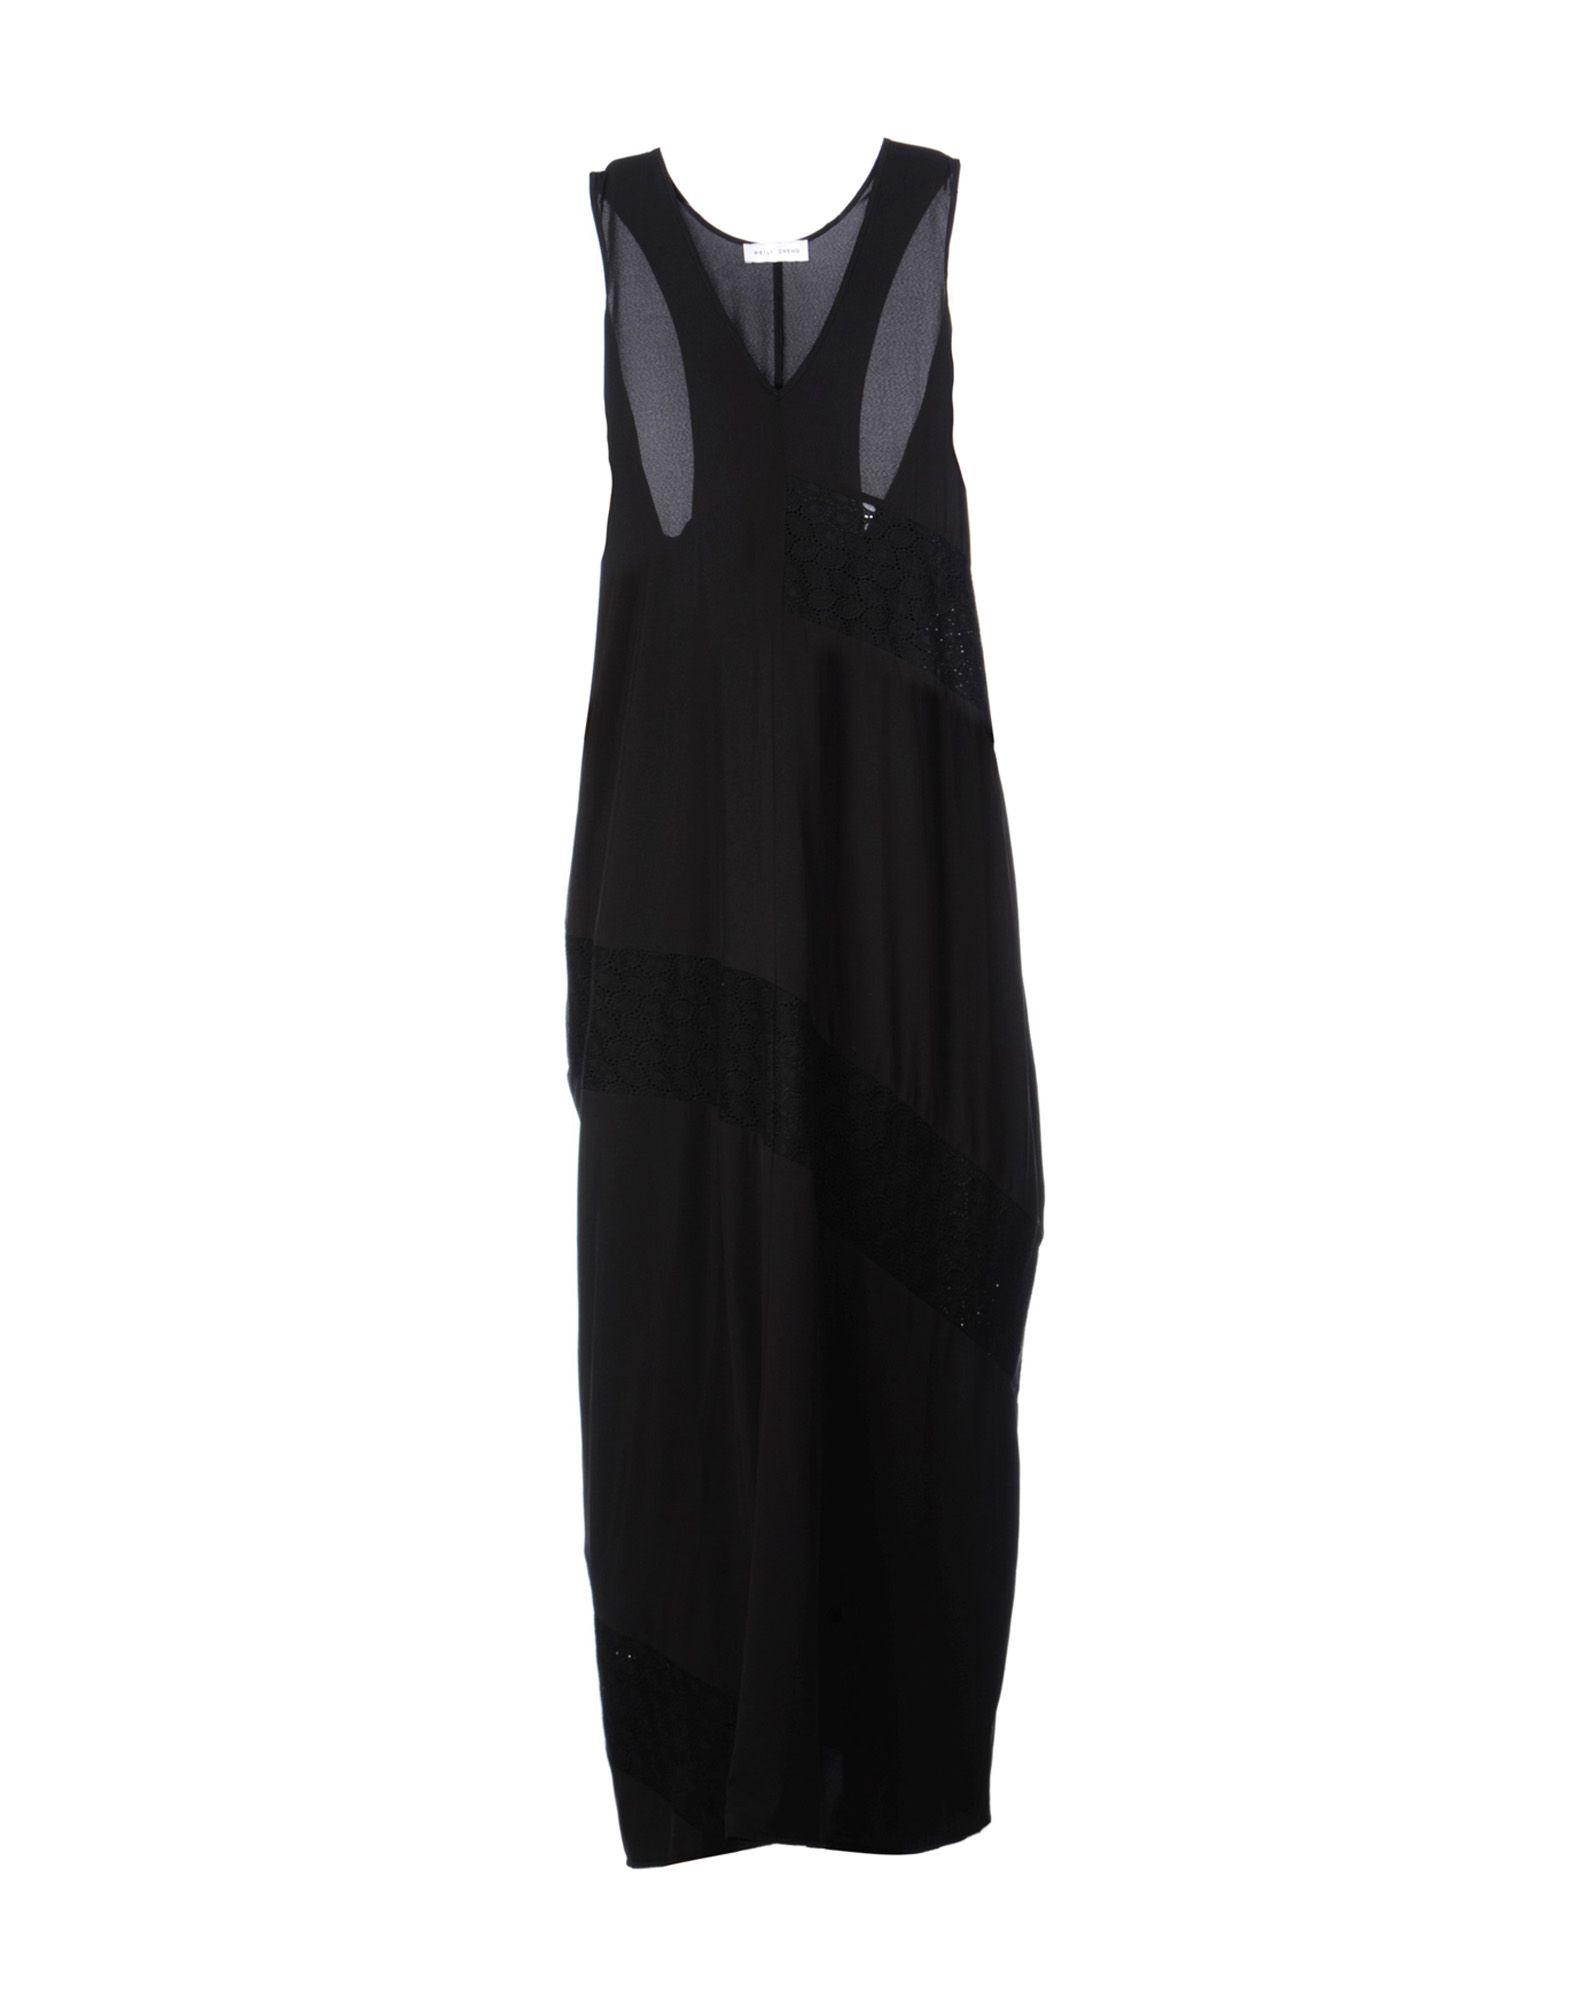 《送料無料》WEILI ZHENG レディース ロングワンピース&ドレス ブラック S ポリエステル 100% / コットン